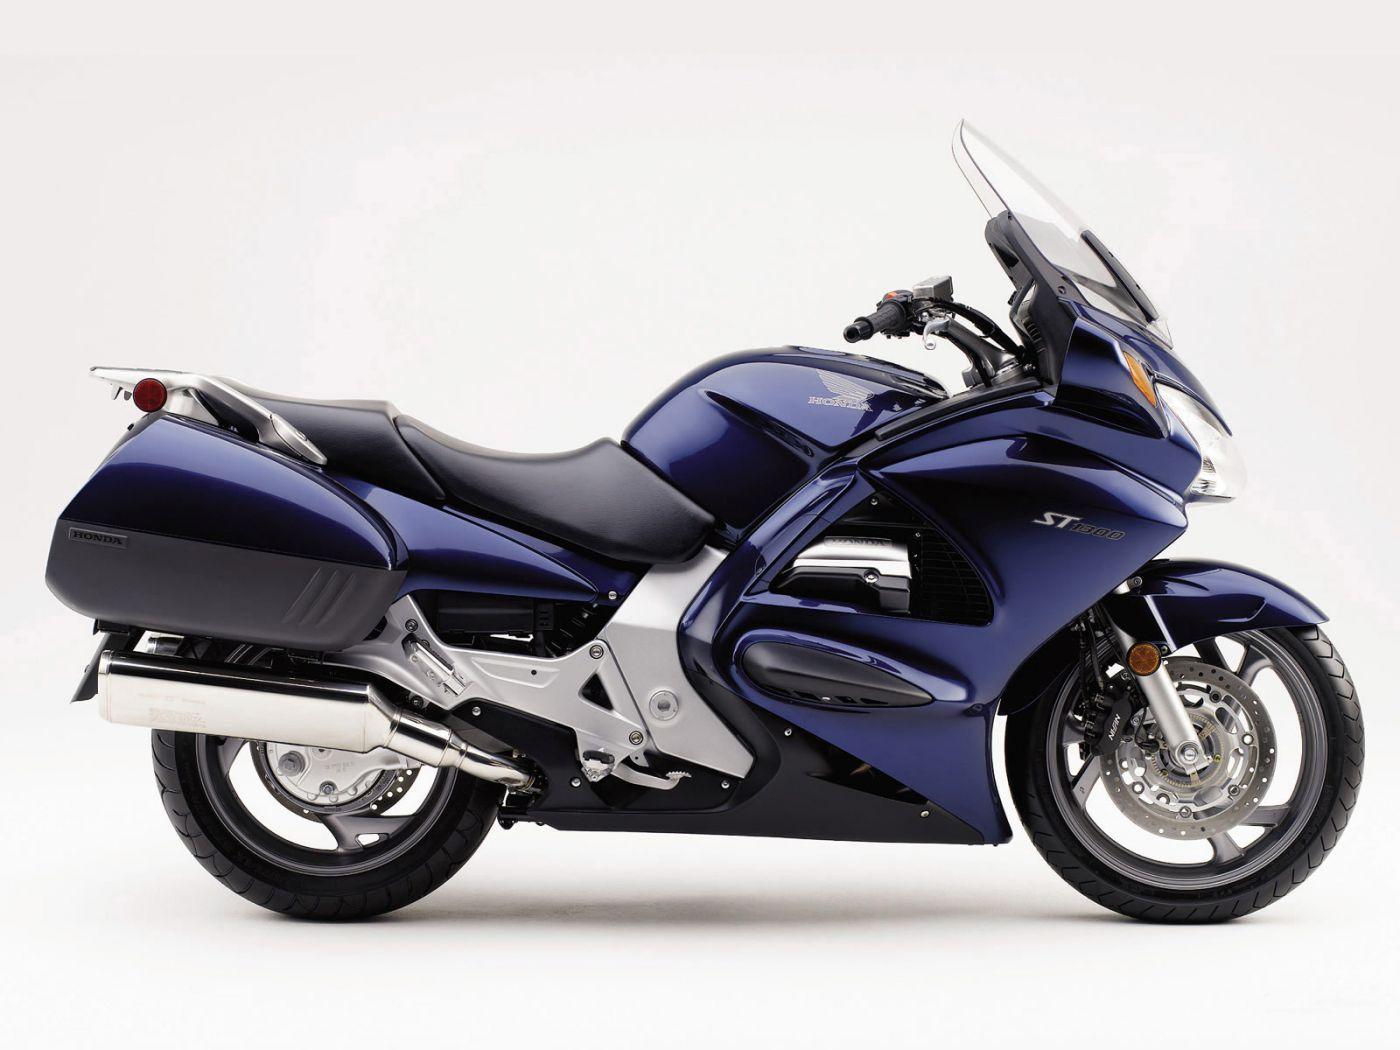 2005 Honda St 1300 Met Afbeeldingen Motor Honda